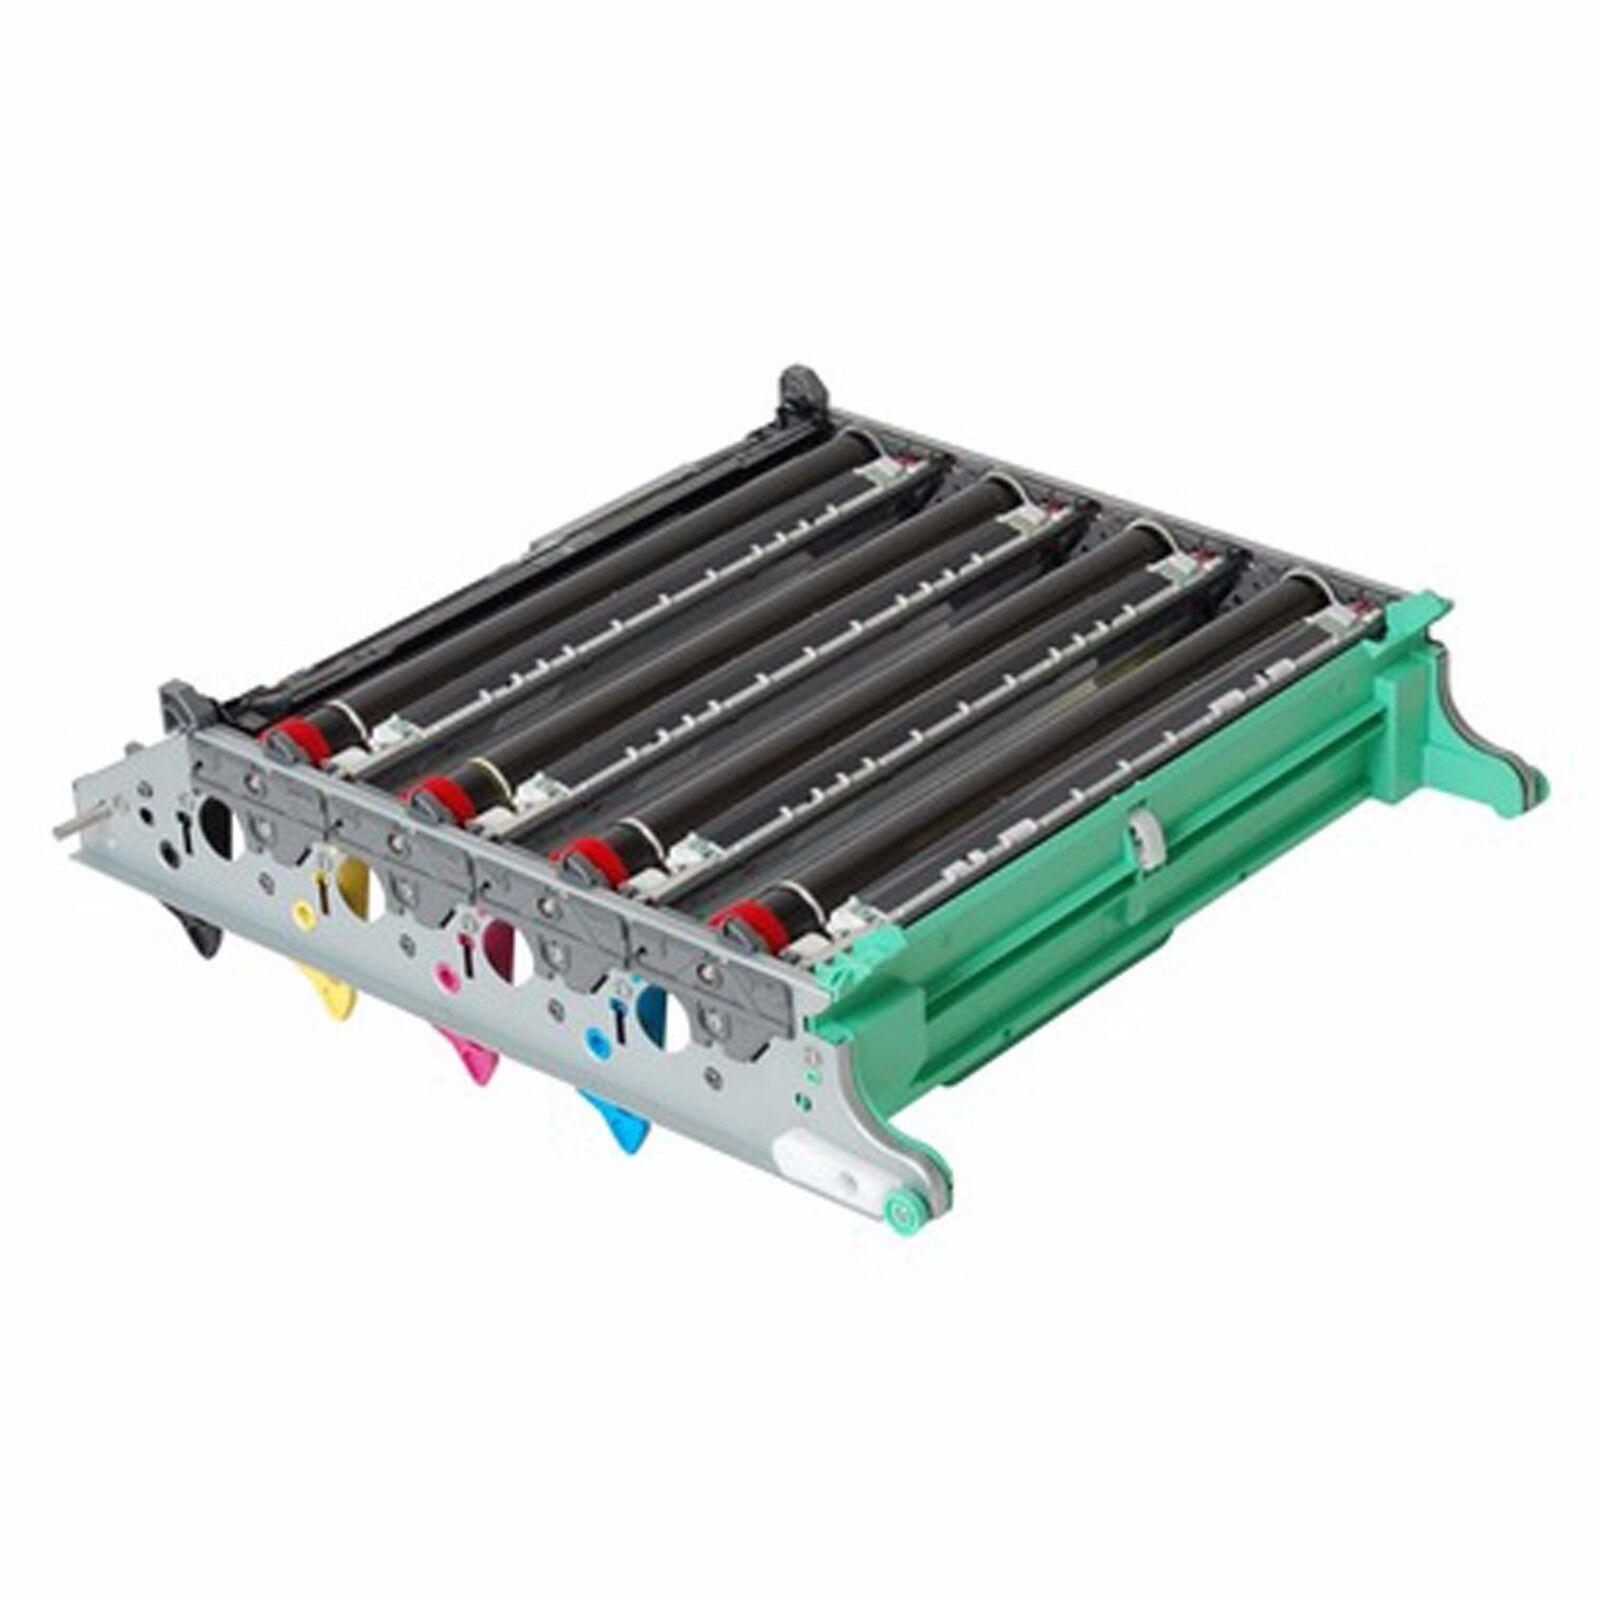 MFC-9840CDW MFC-9440CN OEM Brother Fuser unit for HL-4070CDW HL-4040CN